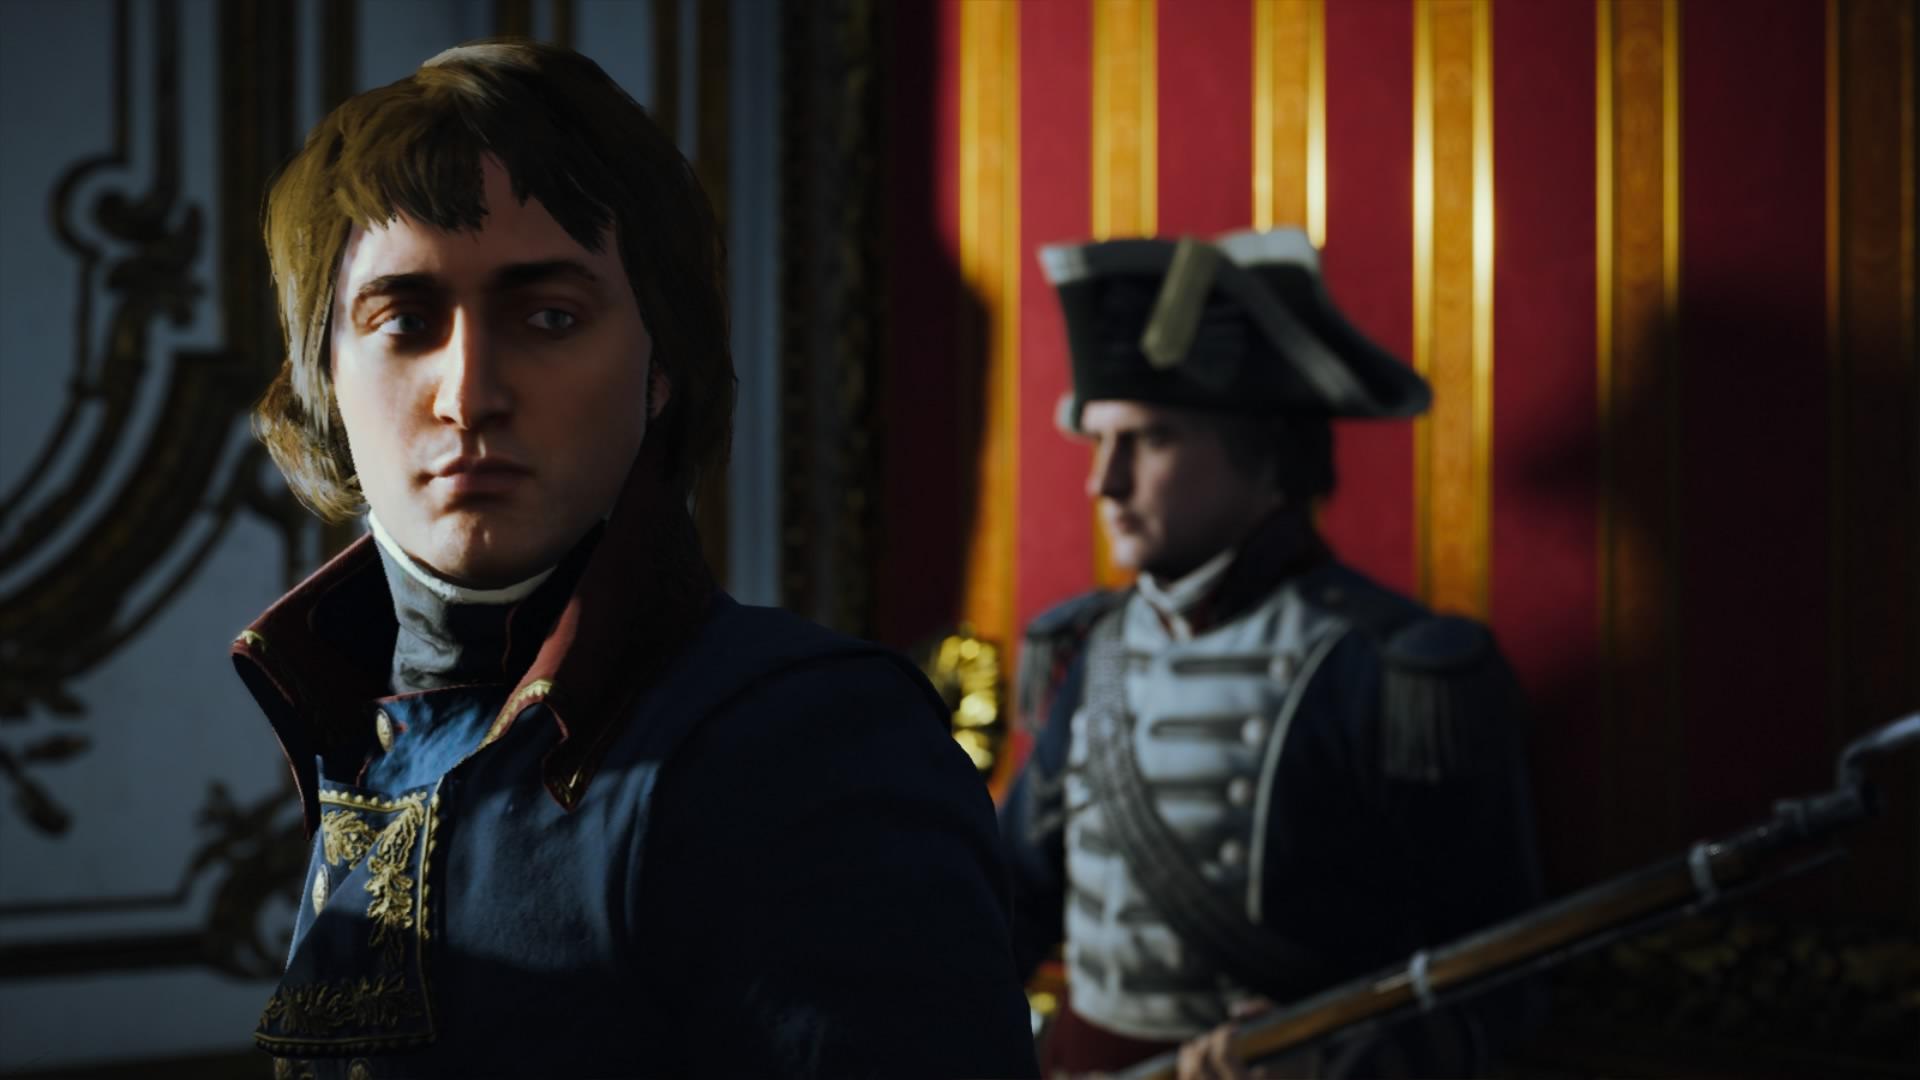 Assassin S Creed Unity Napoleon 1 By Treepish On Deviantart